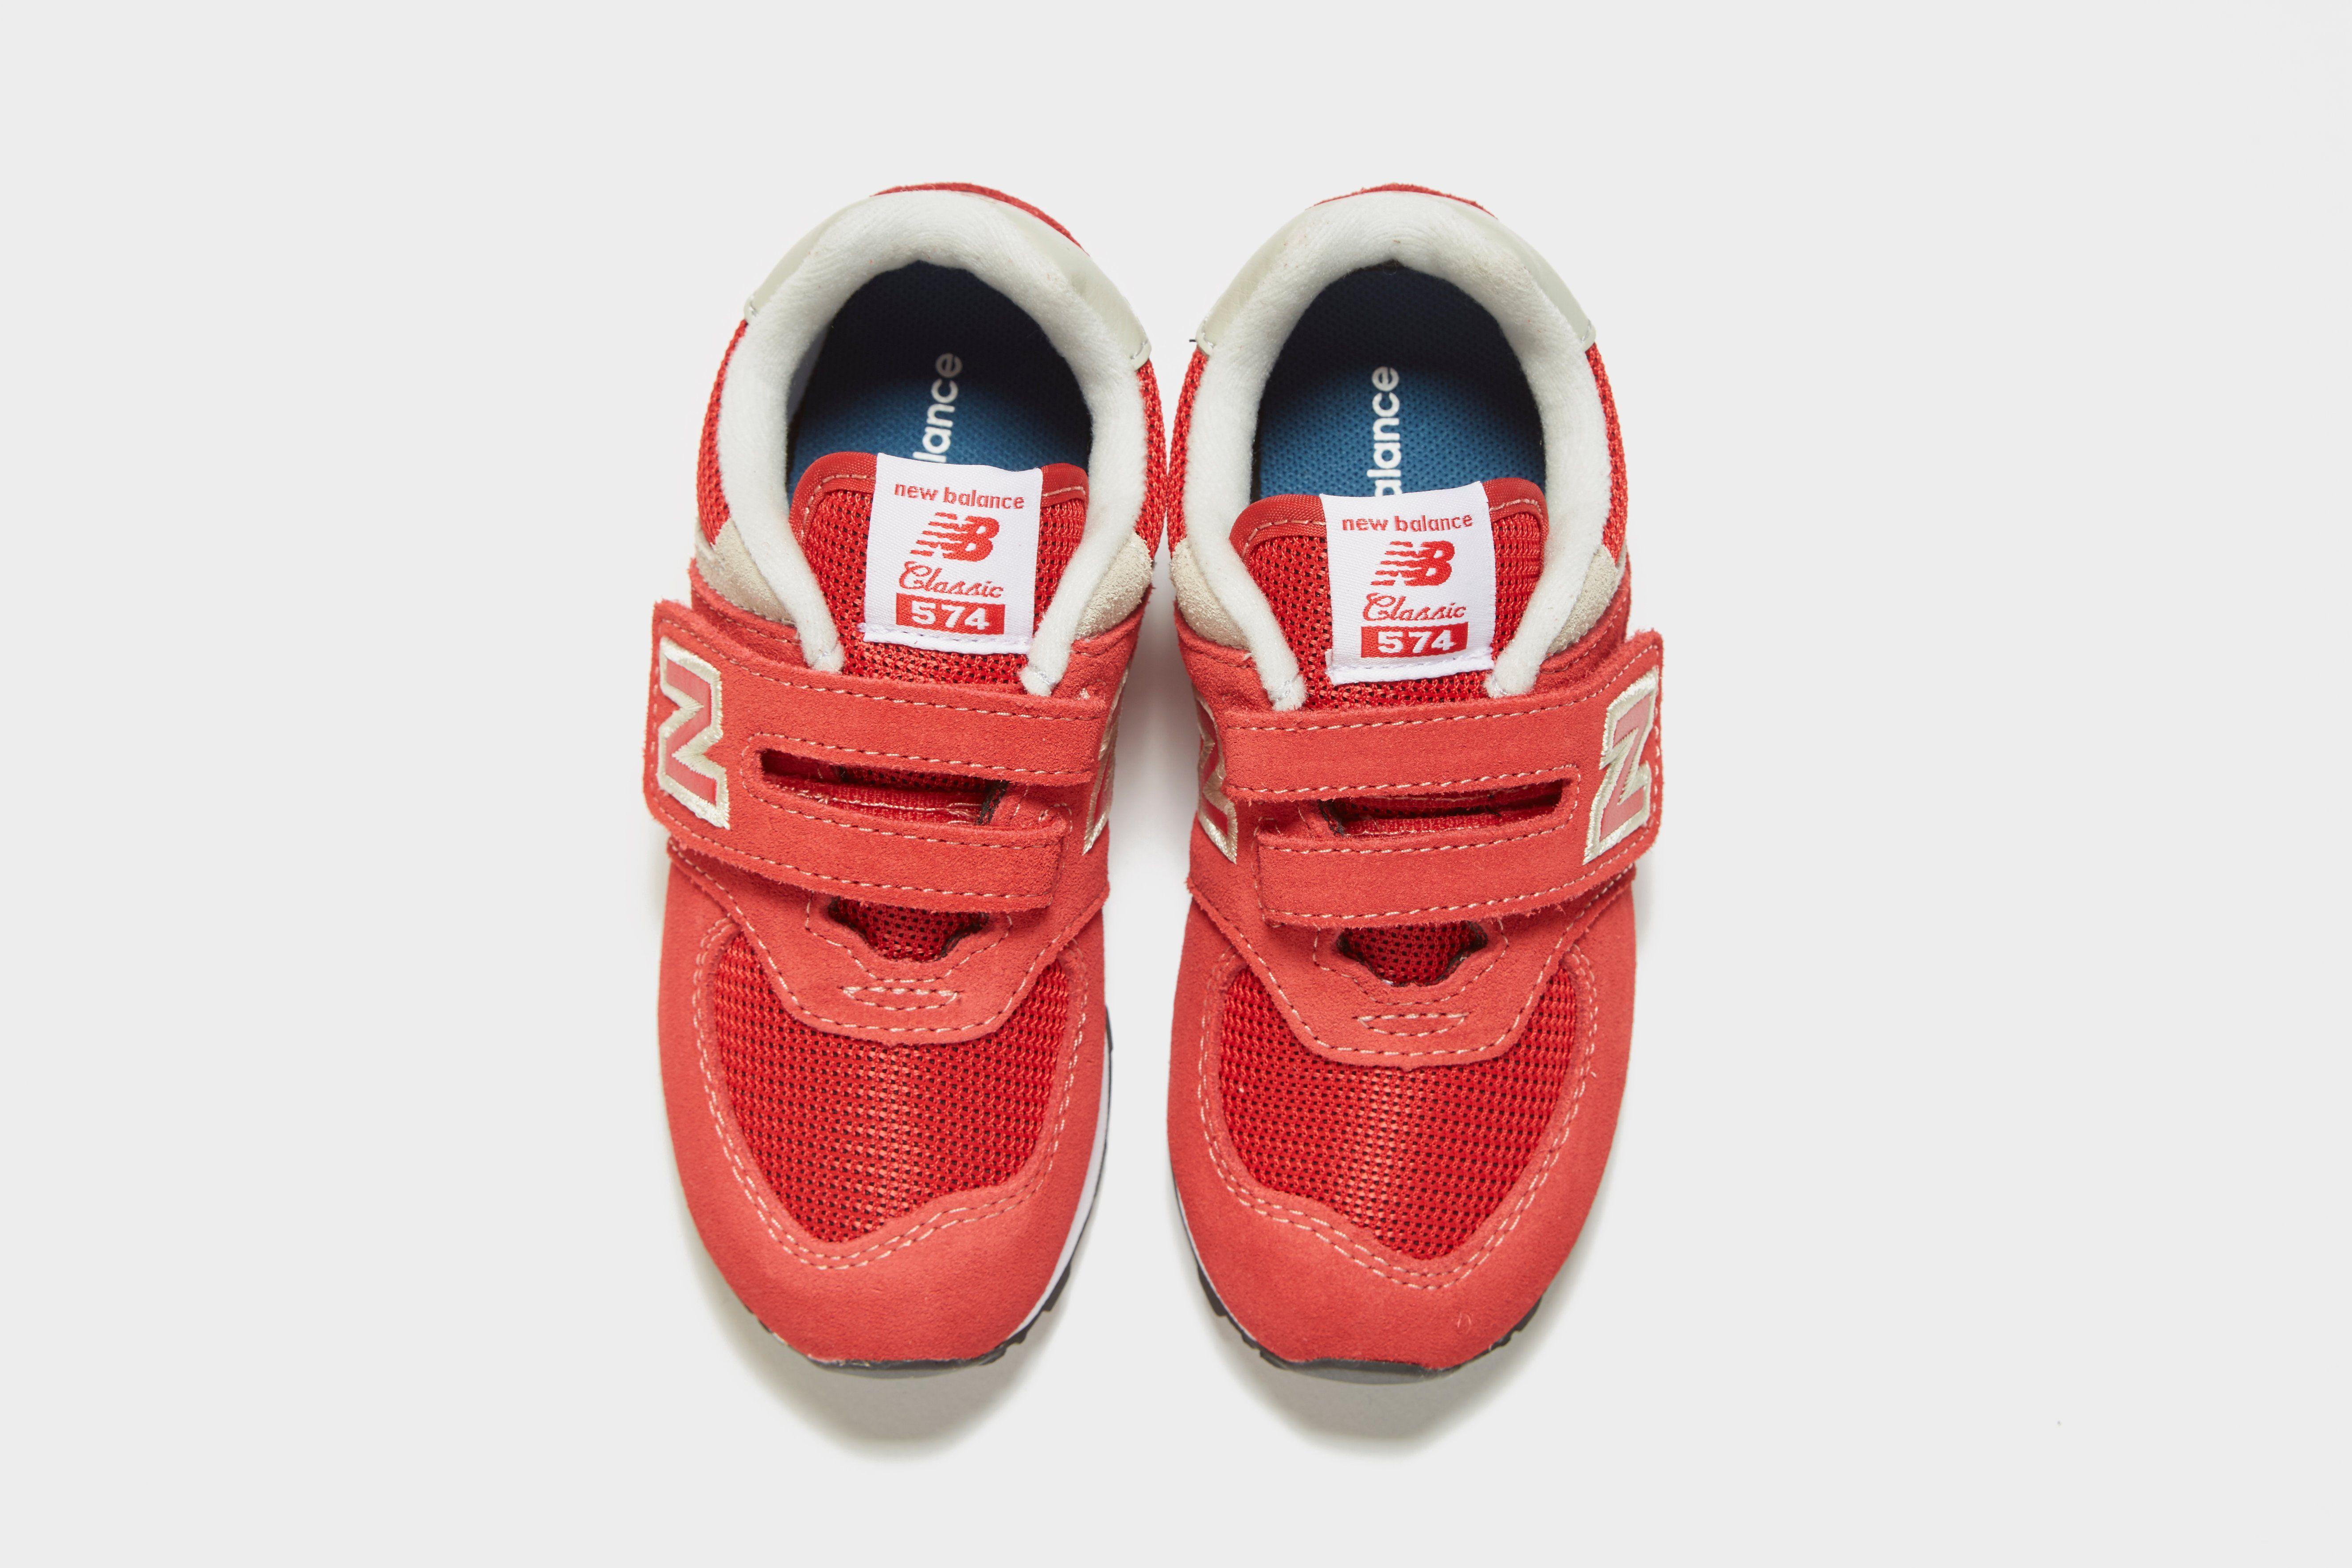 New Balance 574 Infant Rot Liefern Billig Verkauf Offiziell Große Überraschung In Deutschland Billig vFeS4k0RLe